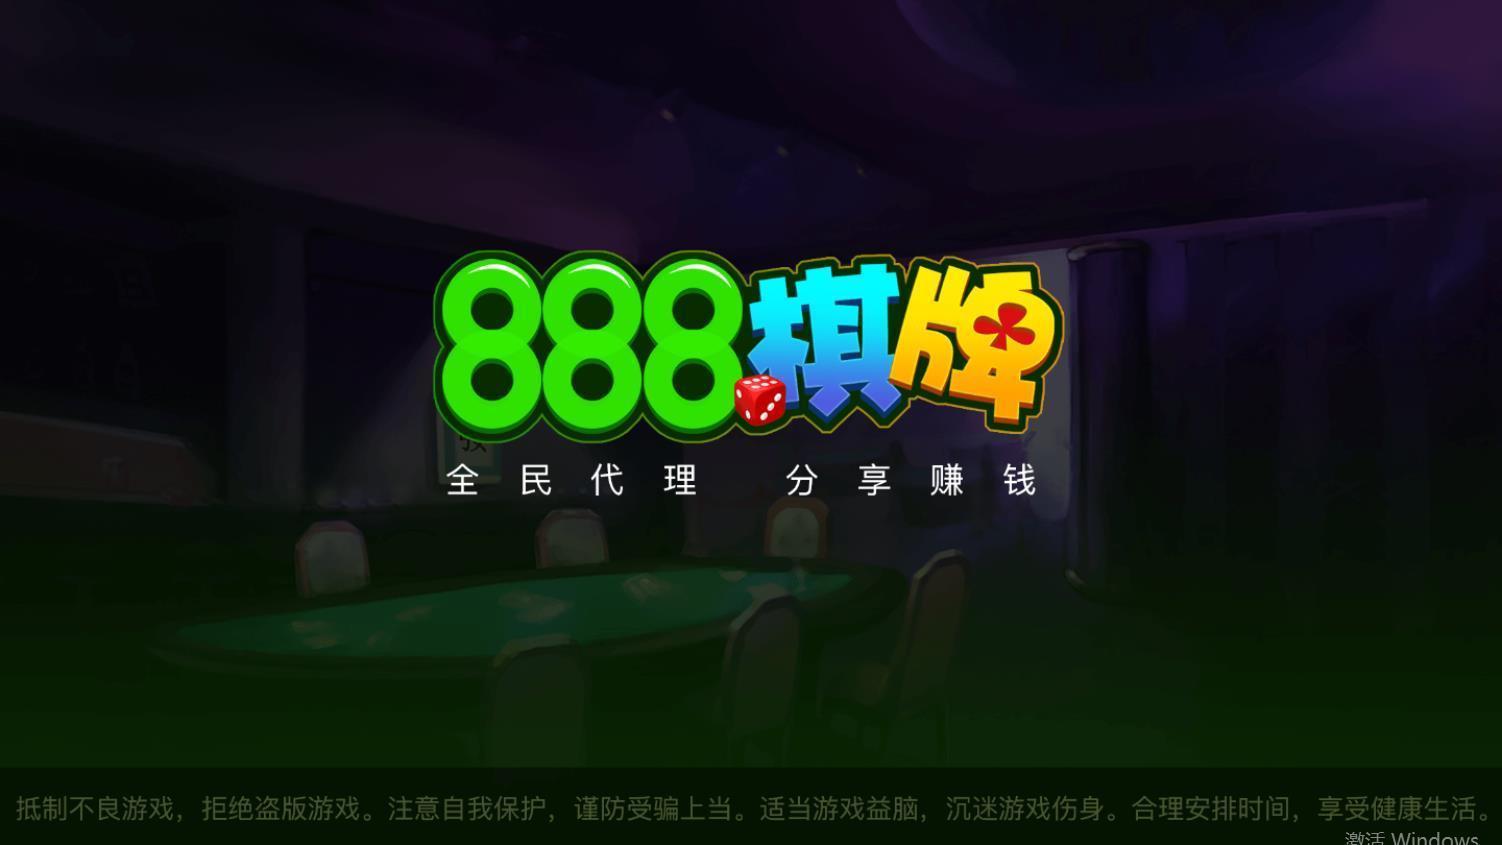 888棋牌游戏